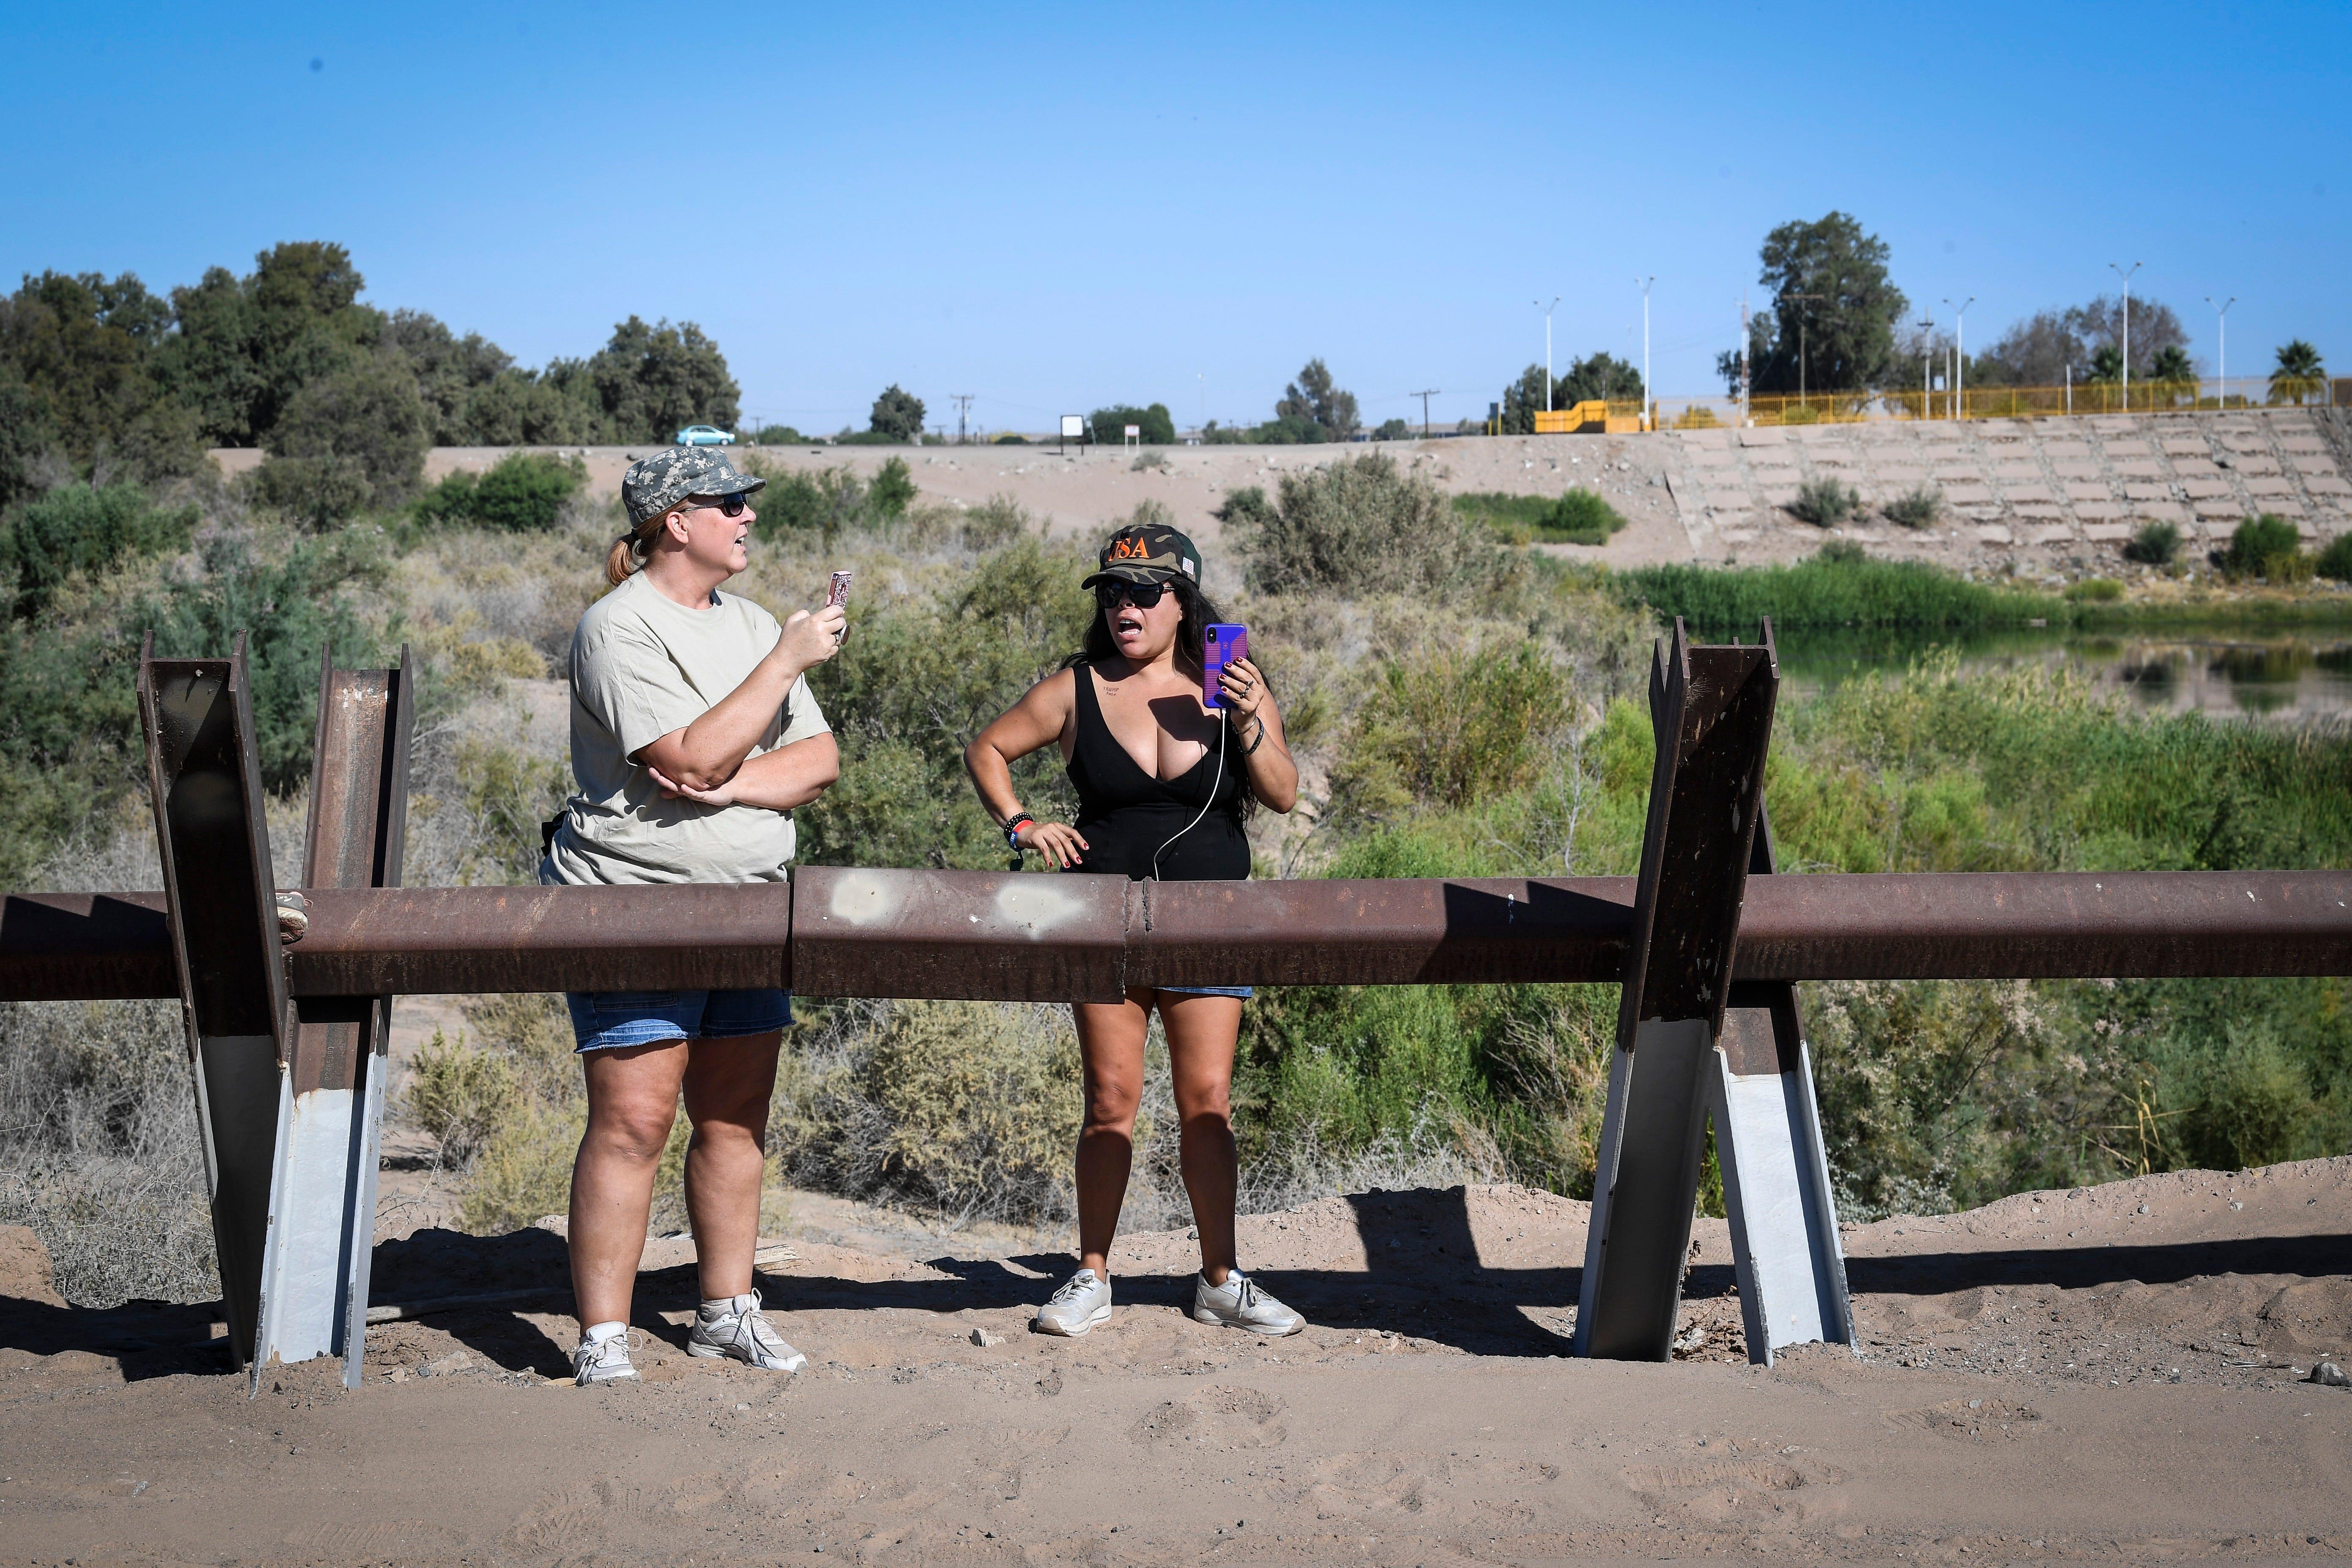 YUMA, Ariz. – Paloma Zuniga, una mujer nacida en México pero que ahora cuenta con doble nacionalidad, acampa con otras dos docenas de miembros de los AZ Patriots  lo largo del río Colorado.